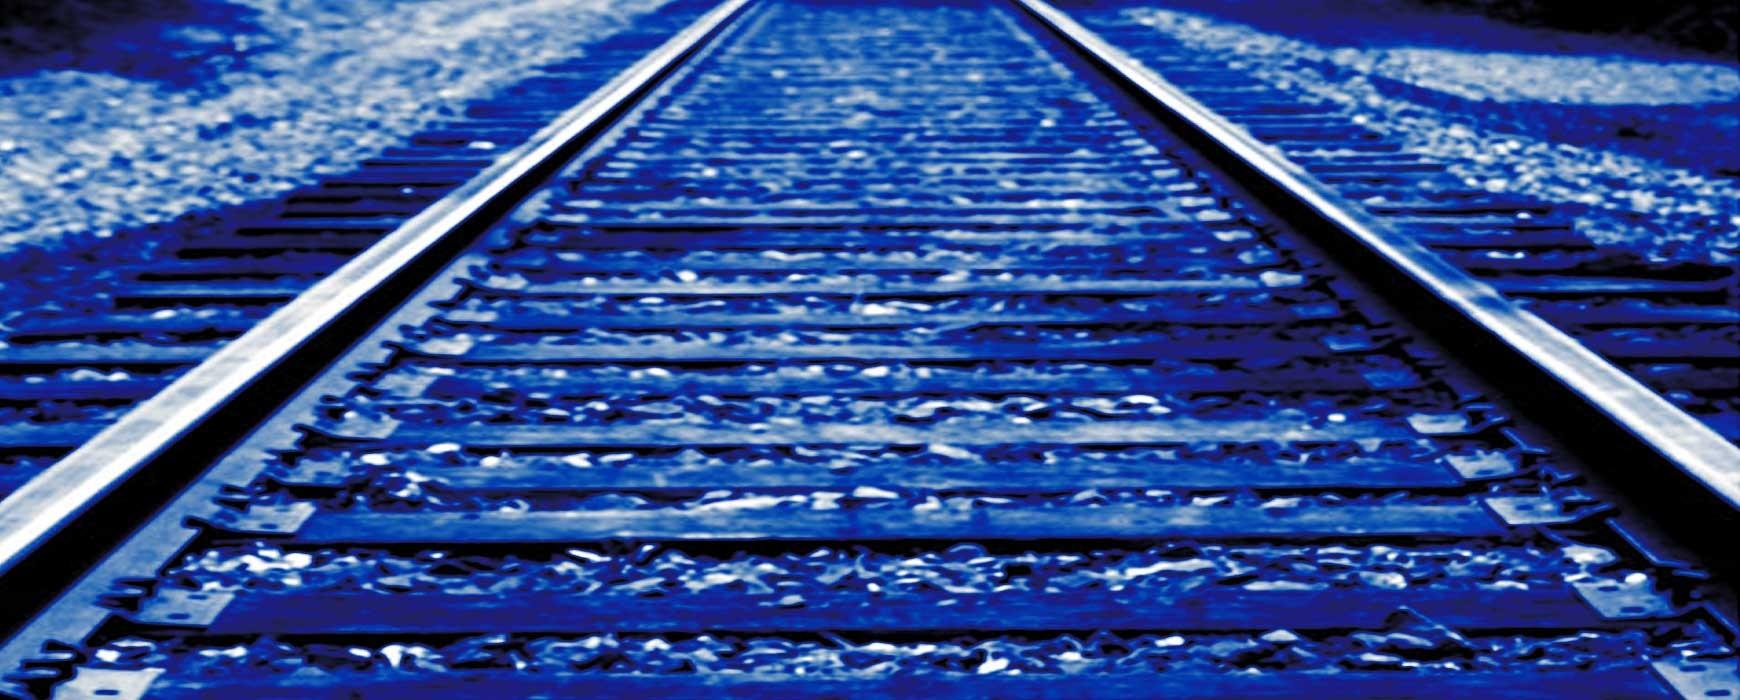 El Nuevo SEO: Construcción de Enlaces de Retroceso o Backlinks (Parte II)